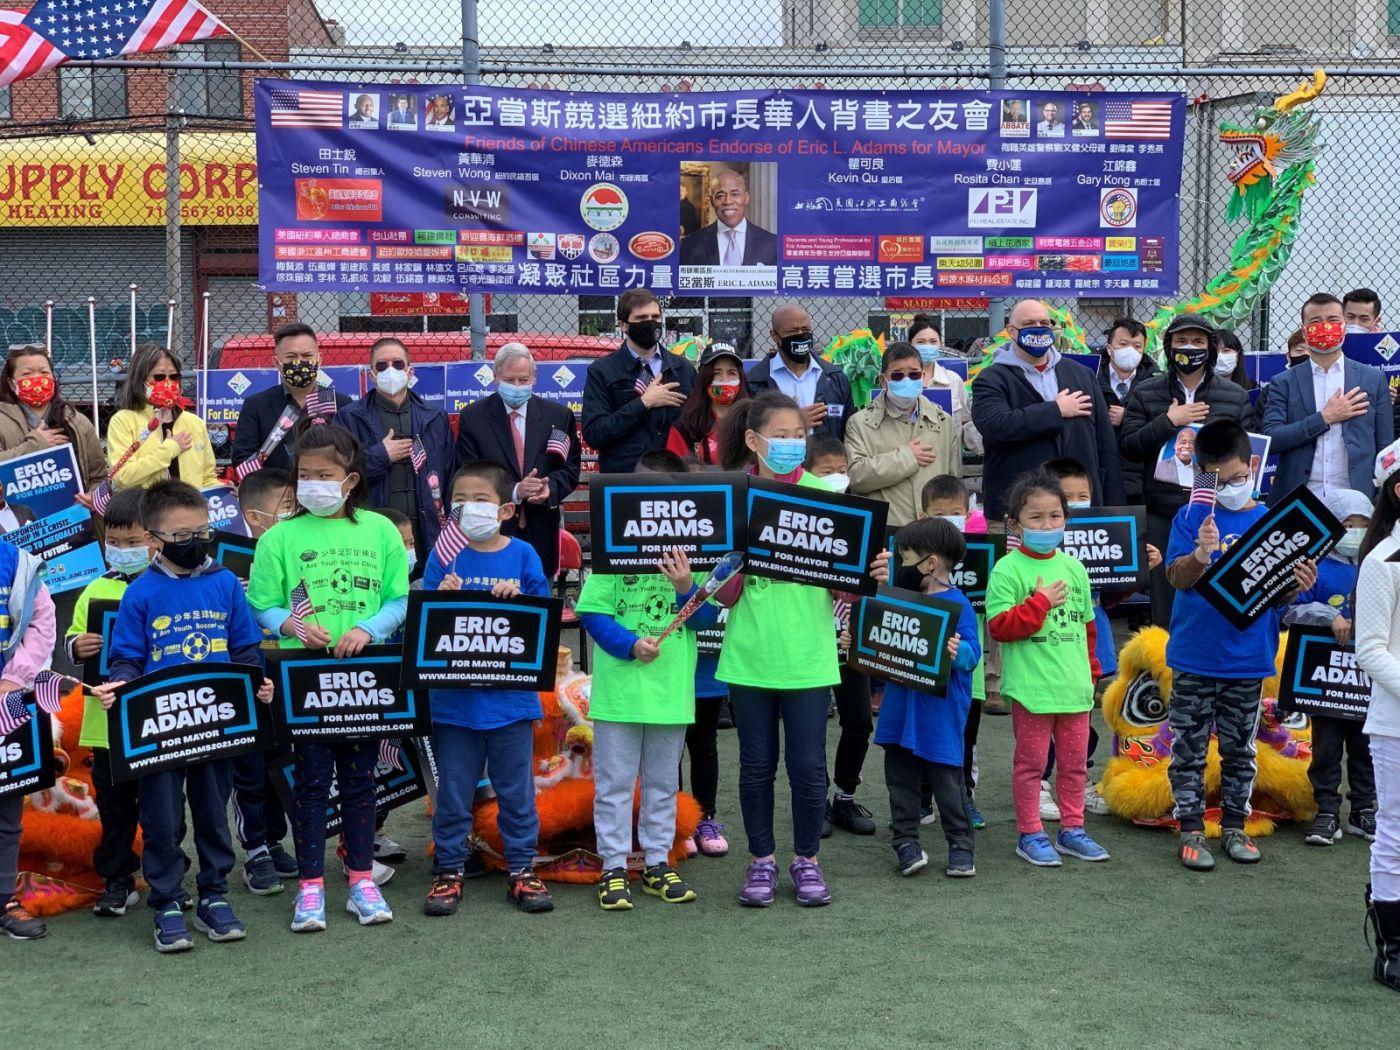 华人背书亚当斯参选纽约市长_图1-7